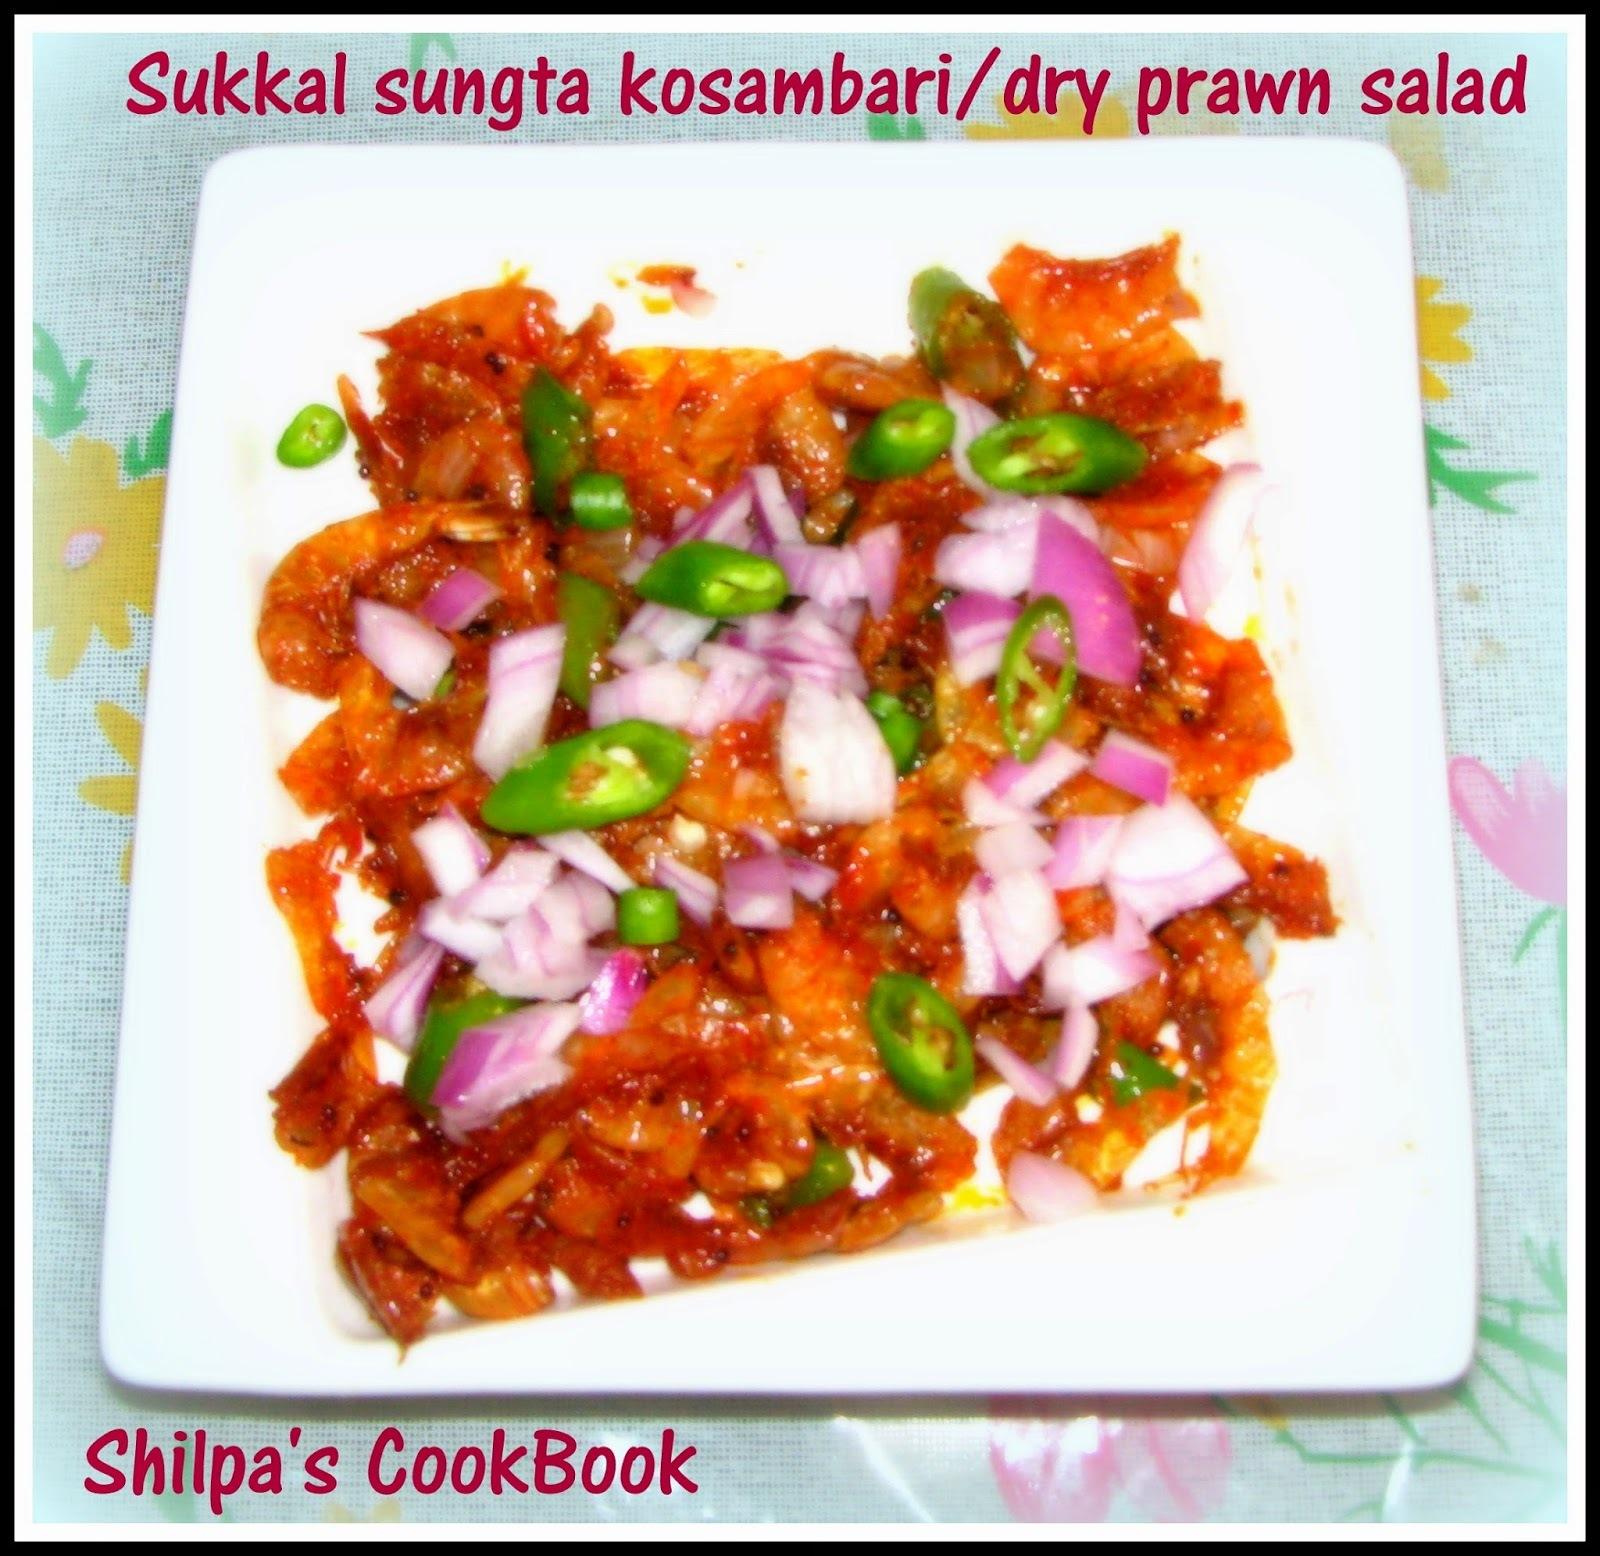 Sukkal sungta kosambari/dry prawn salad